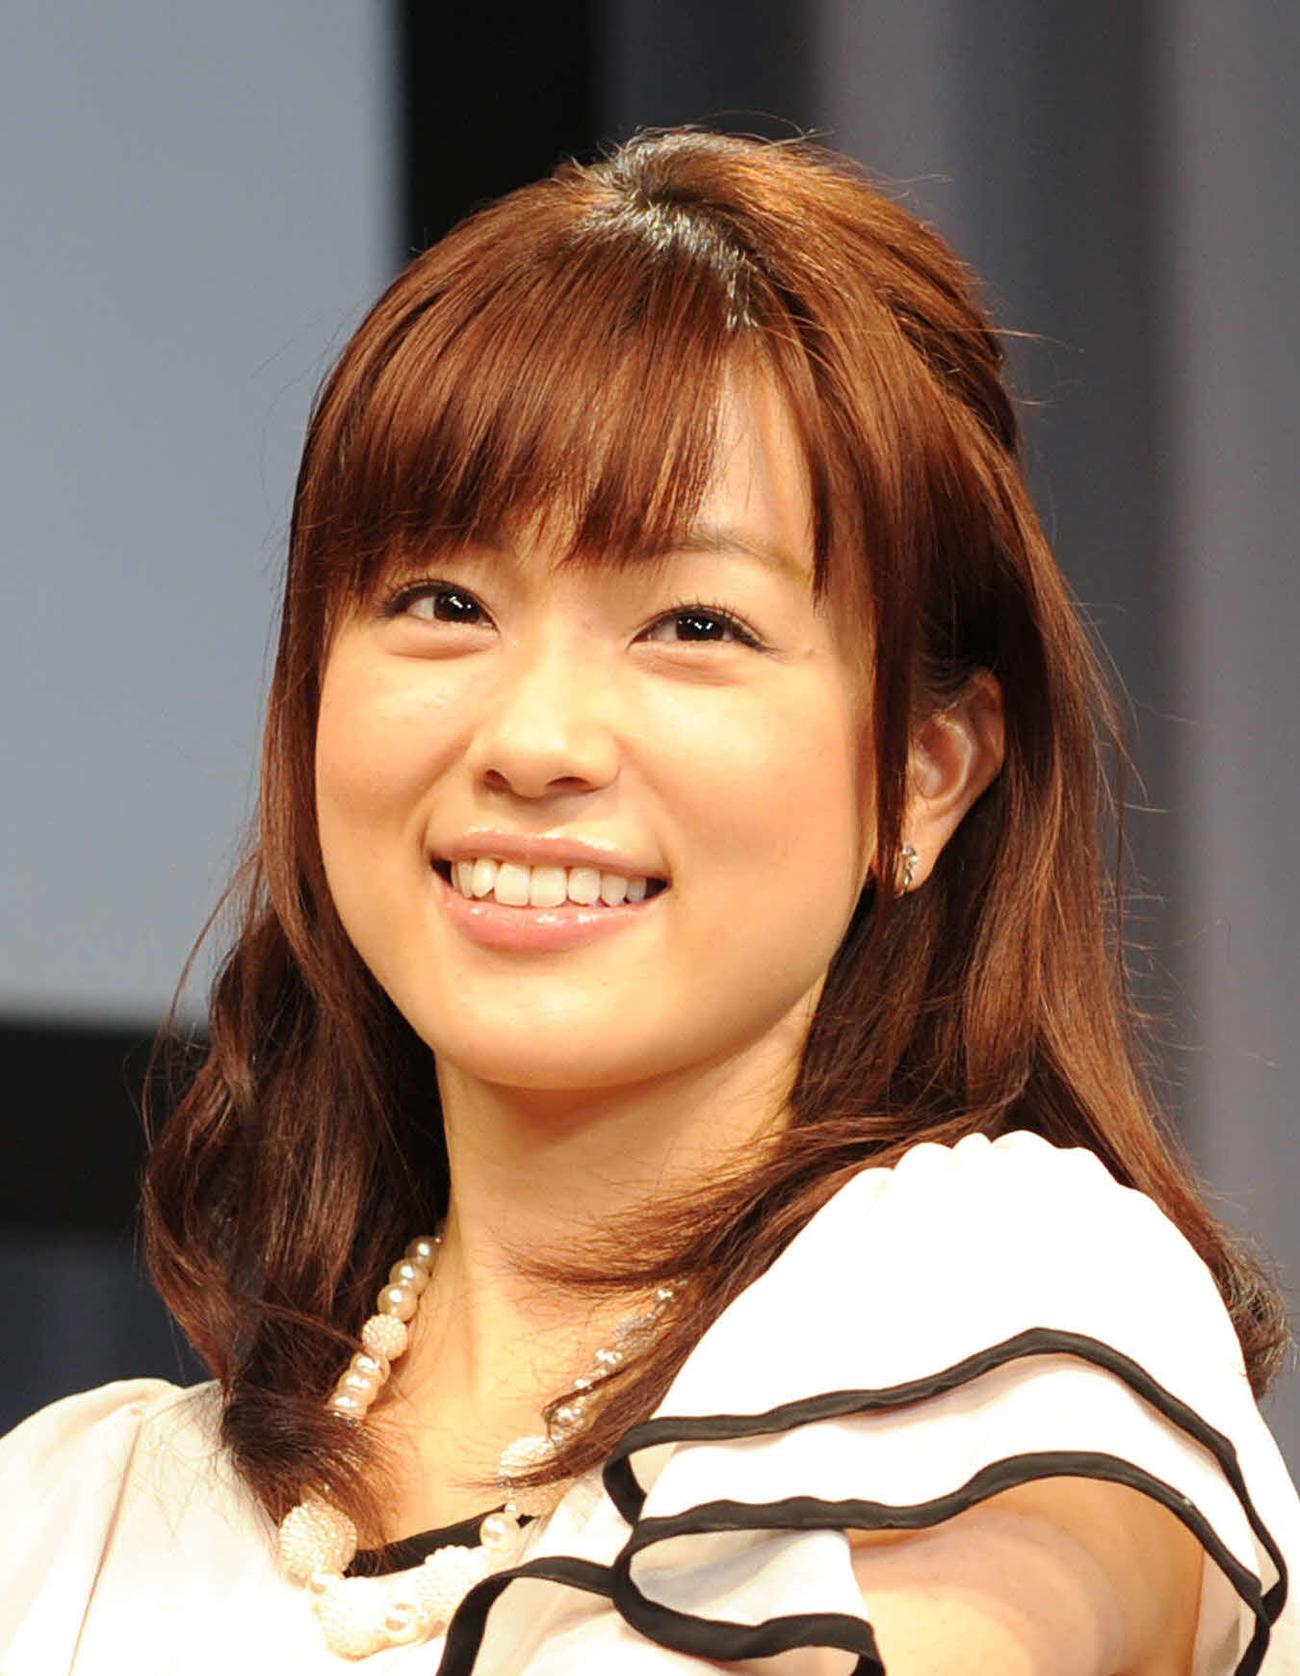 本田 朋子